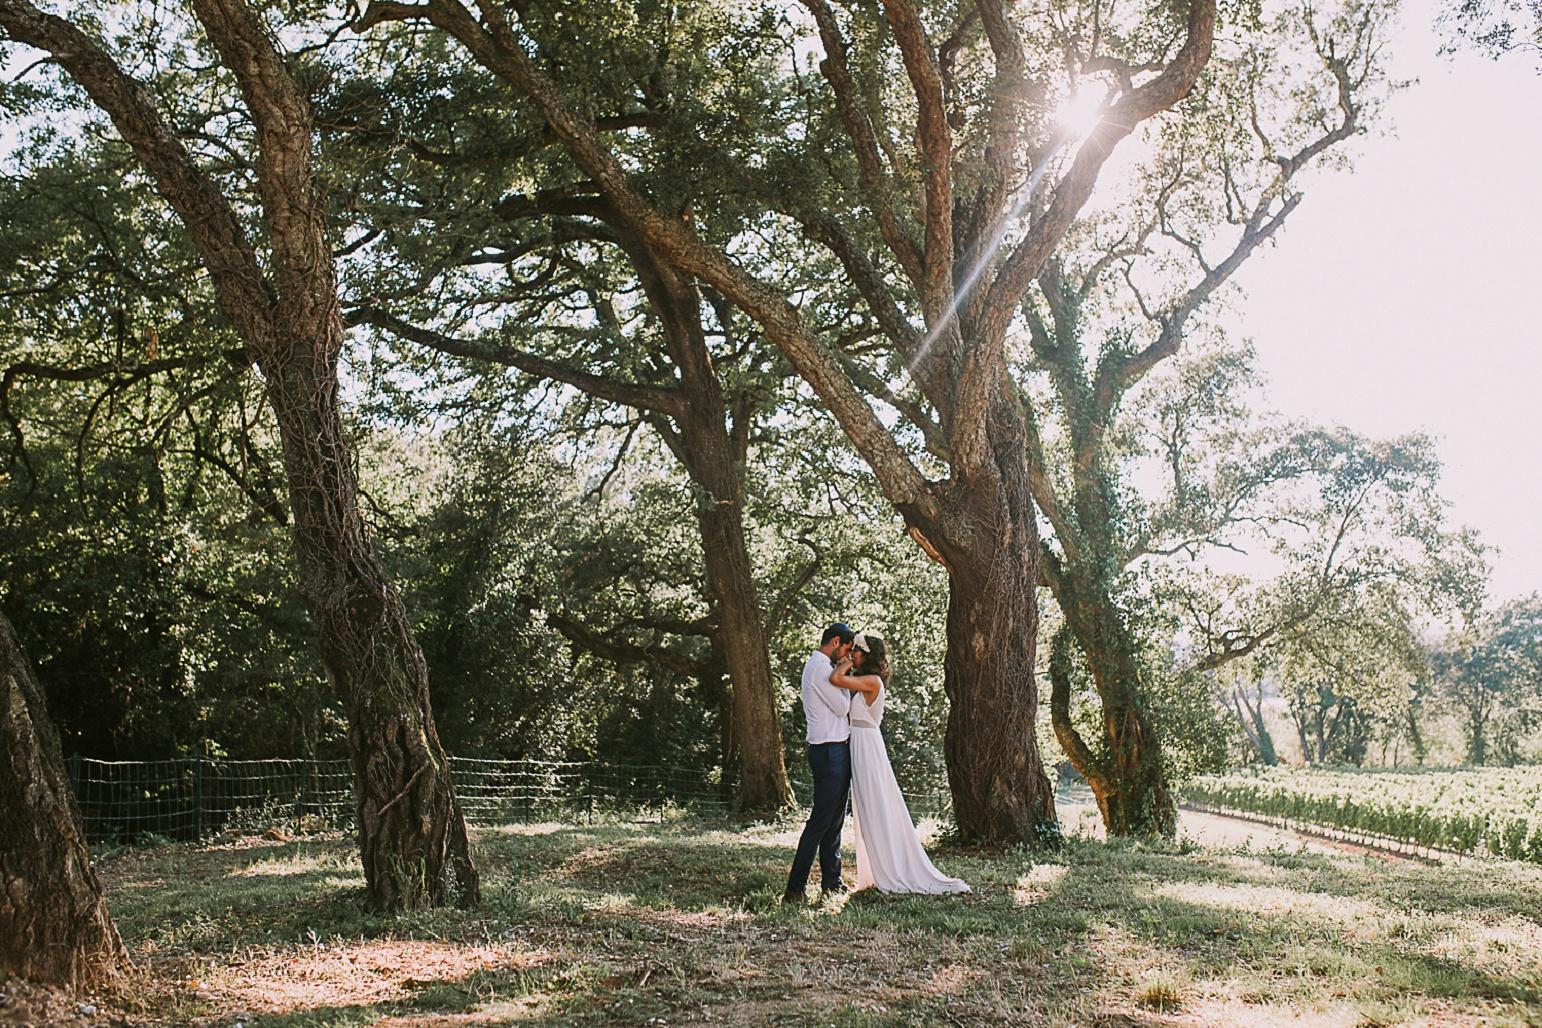 séance-couple-kateryna-photos-mariage-photographe-chateau-maime-aix-nice-provence-wedding-arcs-sur-argens_0095.jpg